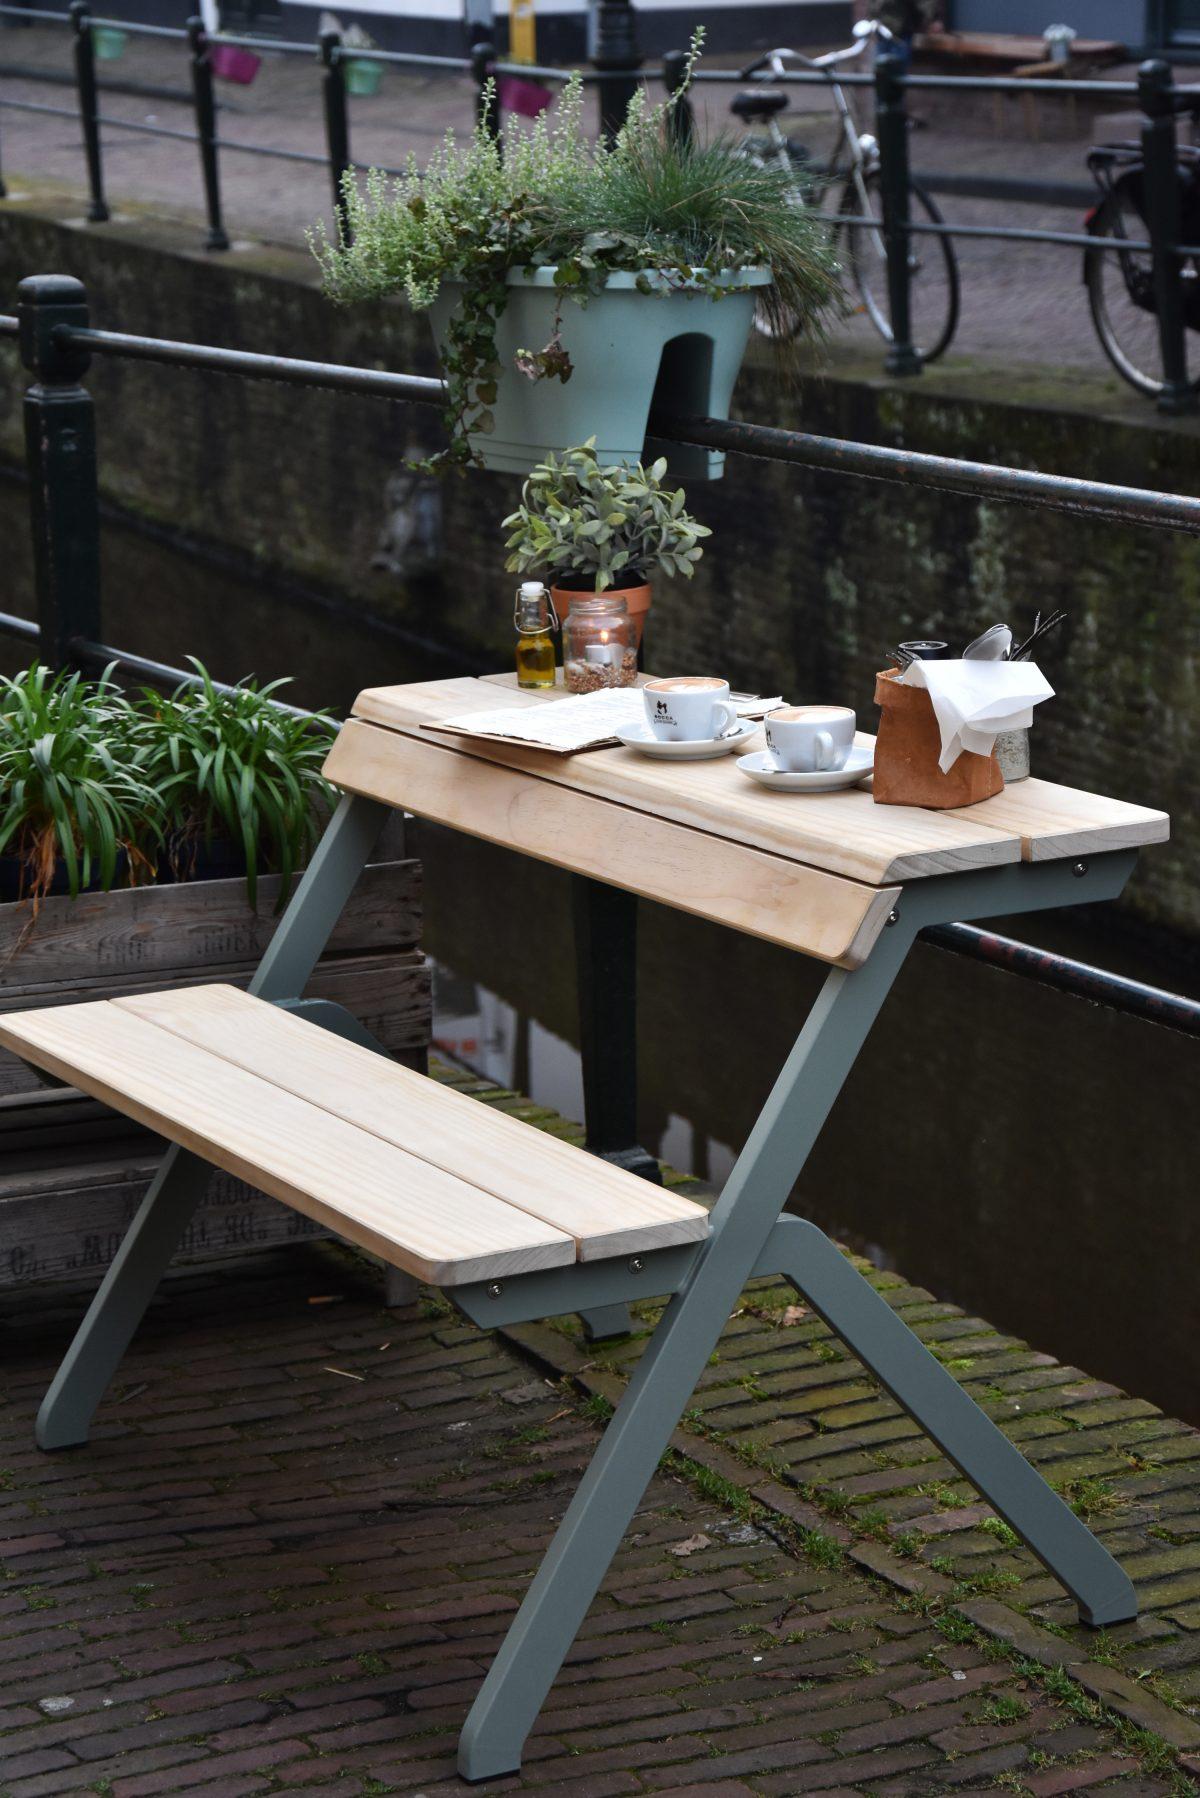 Weltevree Tablebench Exclusief Dutch Design Outdoor Tafel Bankje